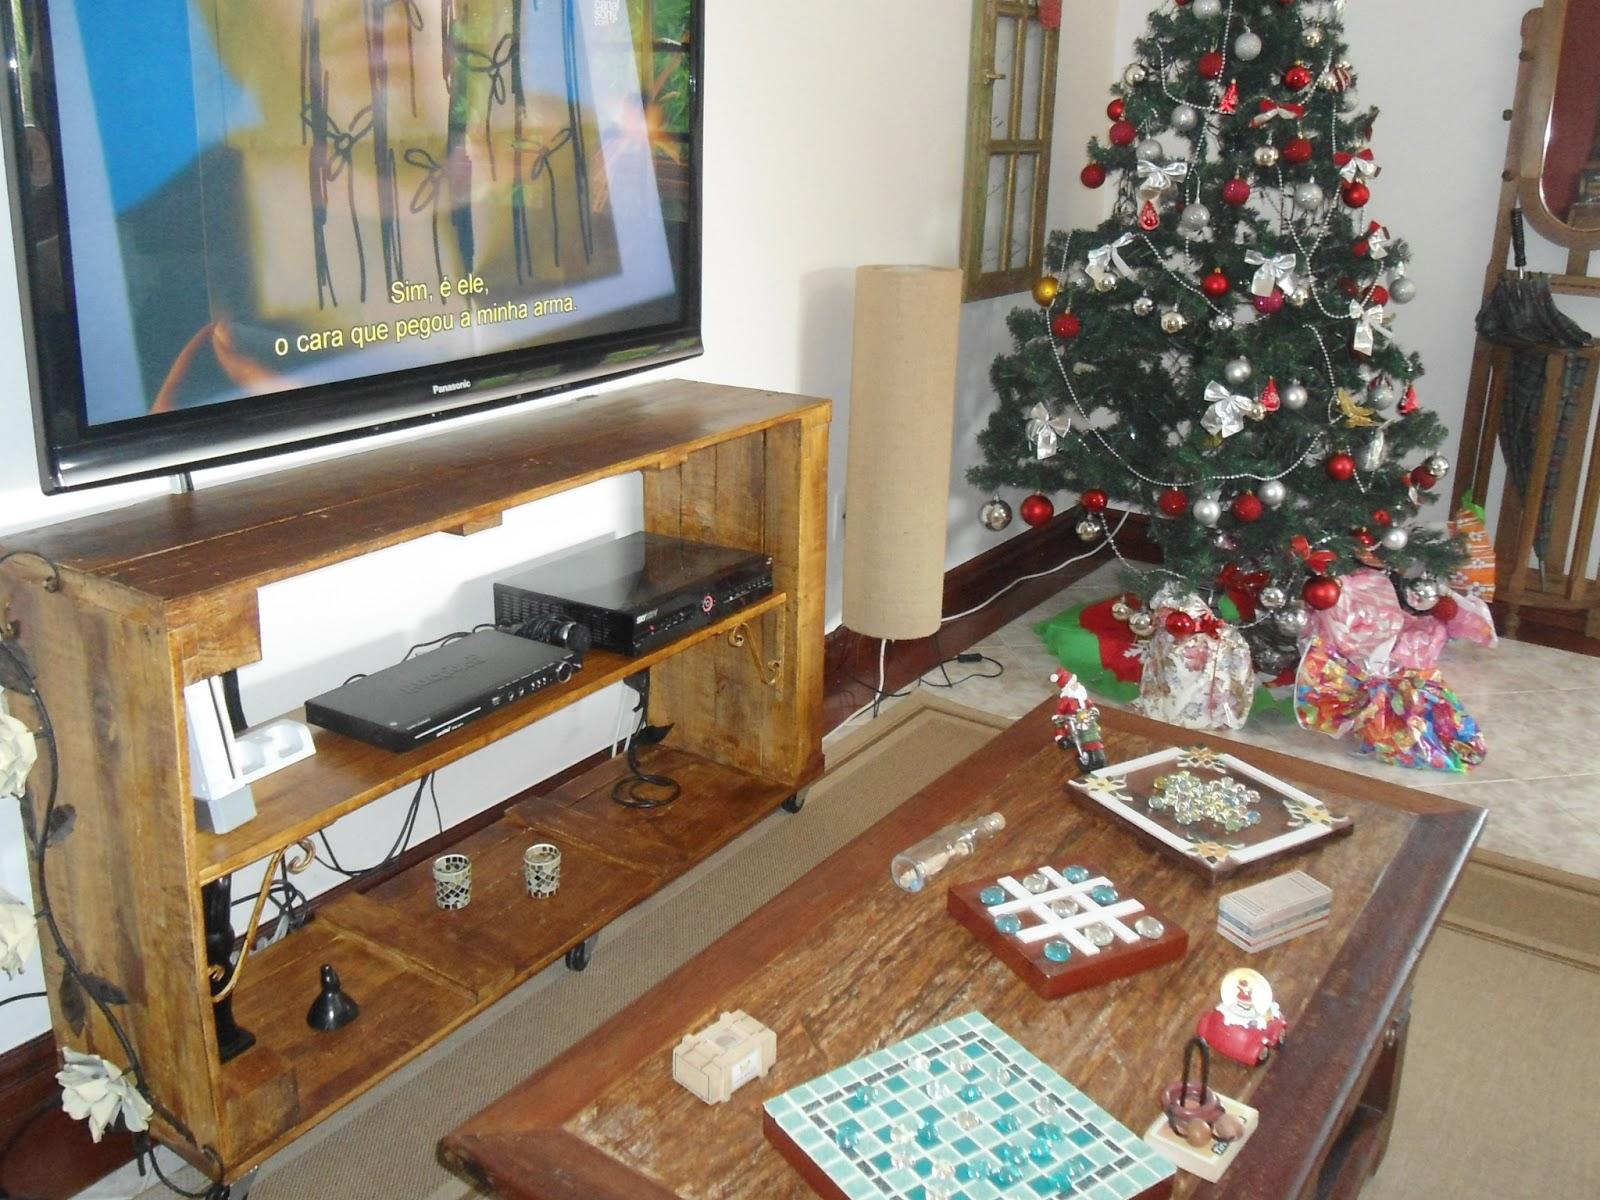 Reciclagens: CONSTRUINDO UM RACK PARA TV COM RESTOS DE PALLETS #70452E 1600x1200